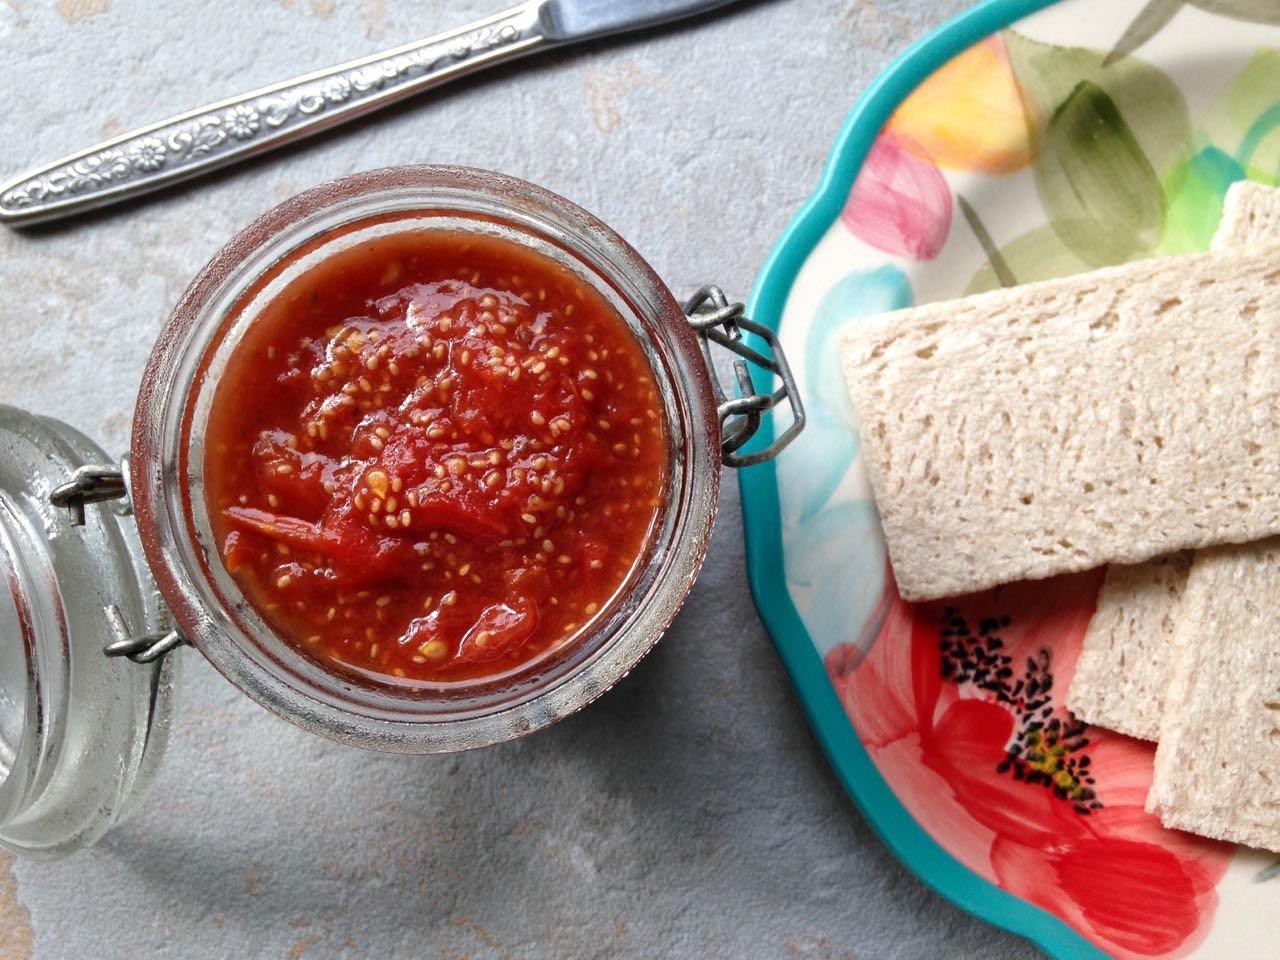 confiture de tomates et craquelins